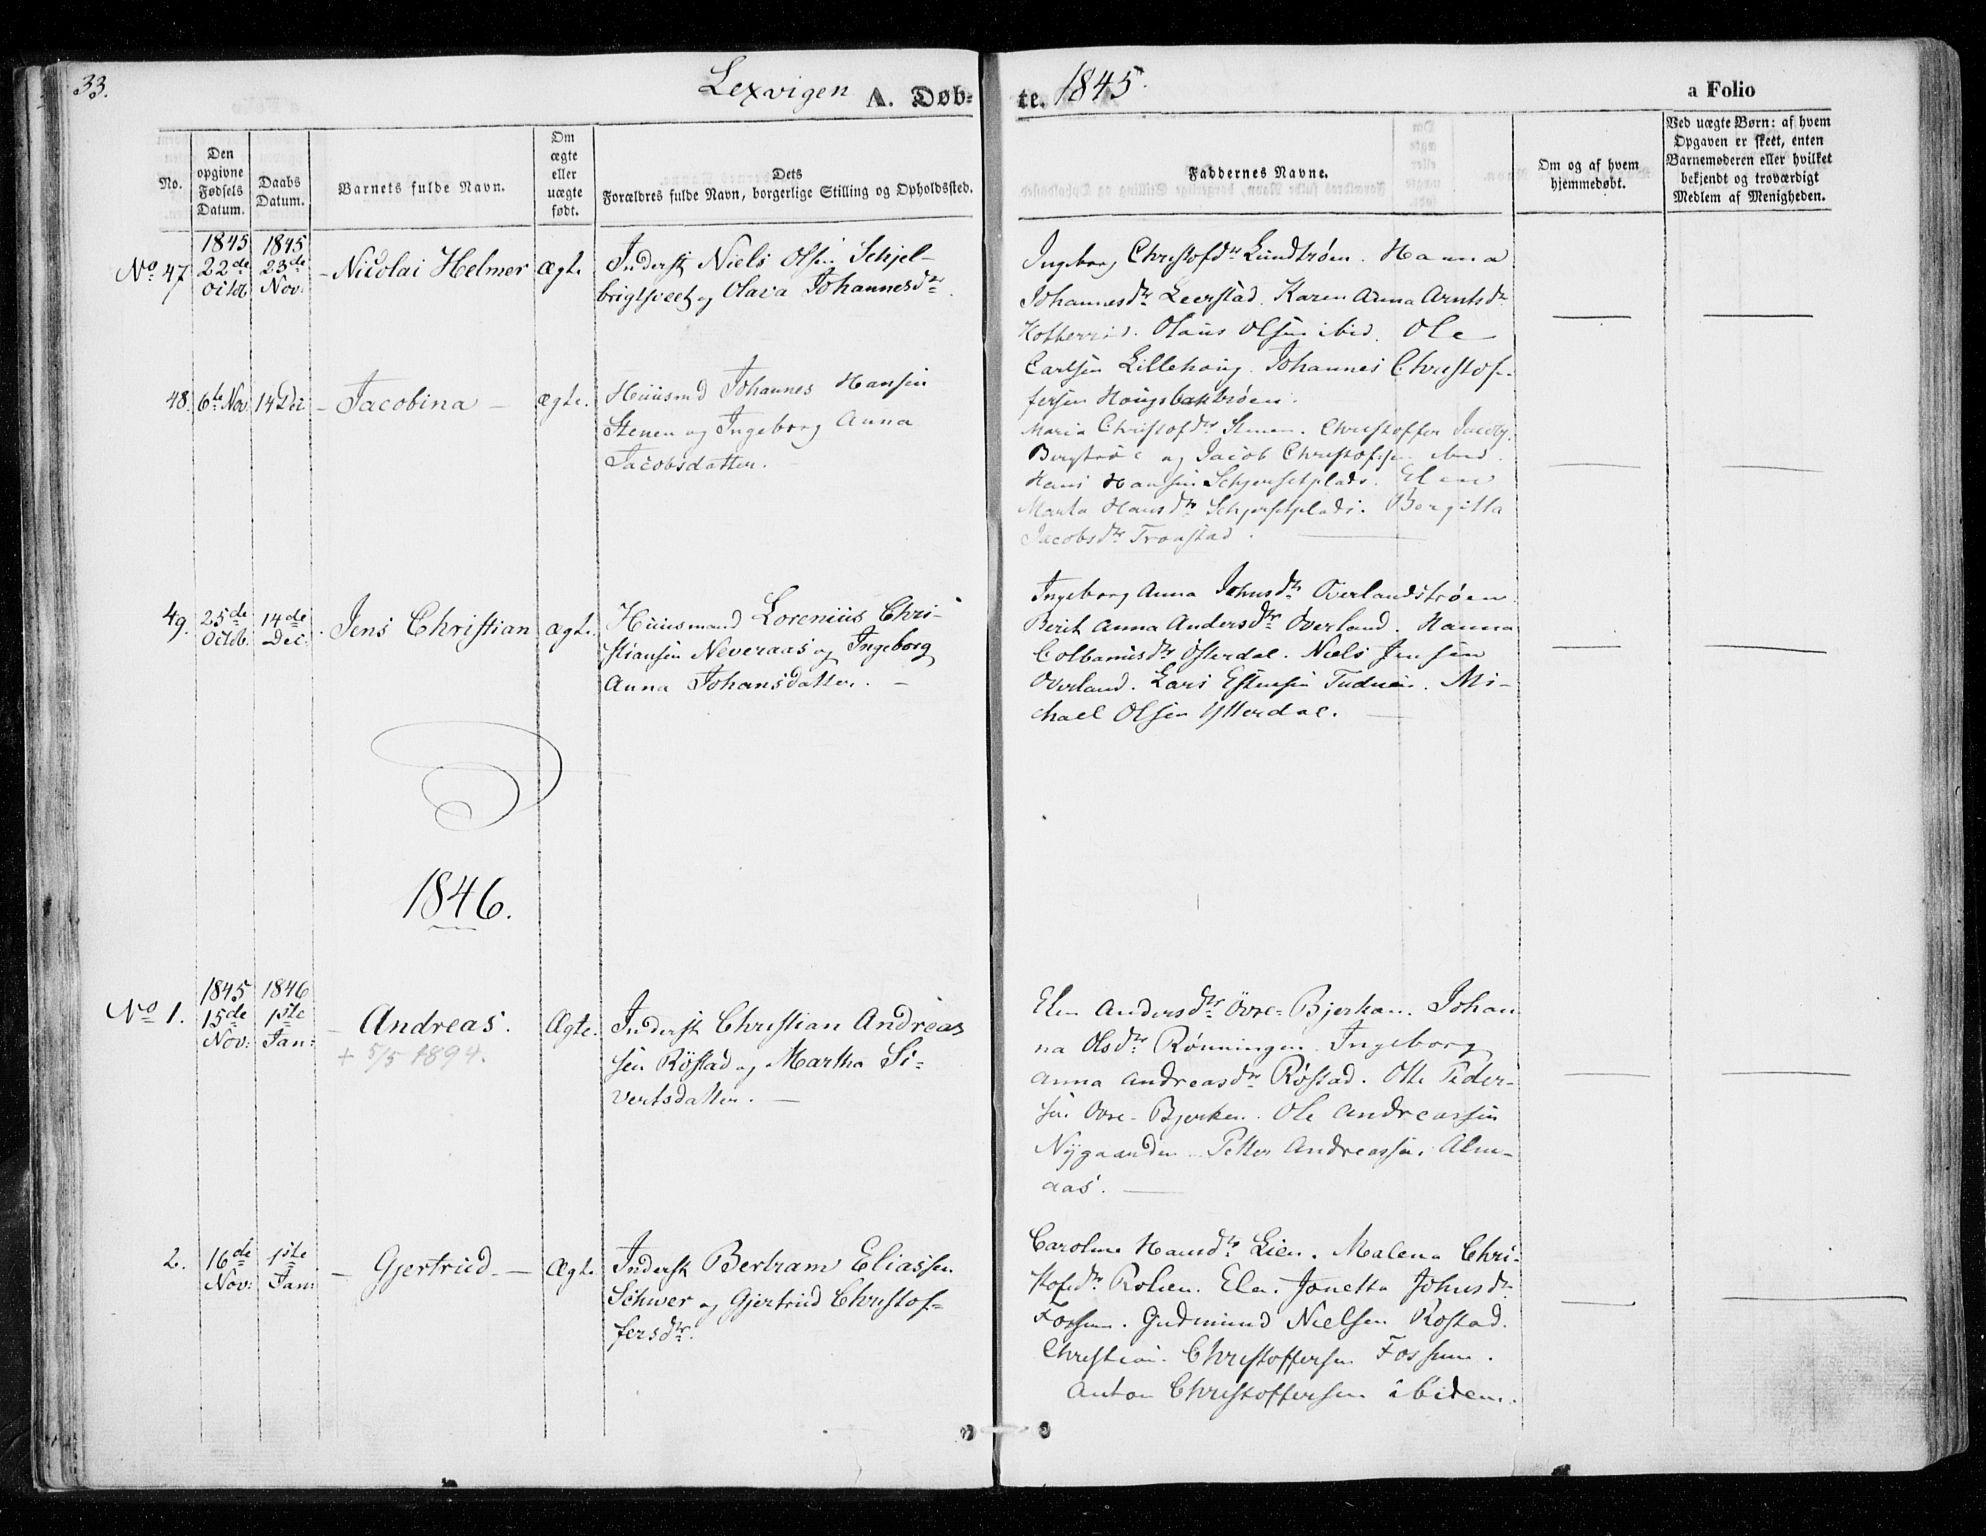 SAT, Ministerialprotokoller, klokkerbøker og fødselsregistre - Nord-Trøndelag, 701/L0007: Ministerialbok nr. 701A07 /1, 1842-1854, s. 33